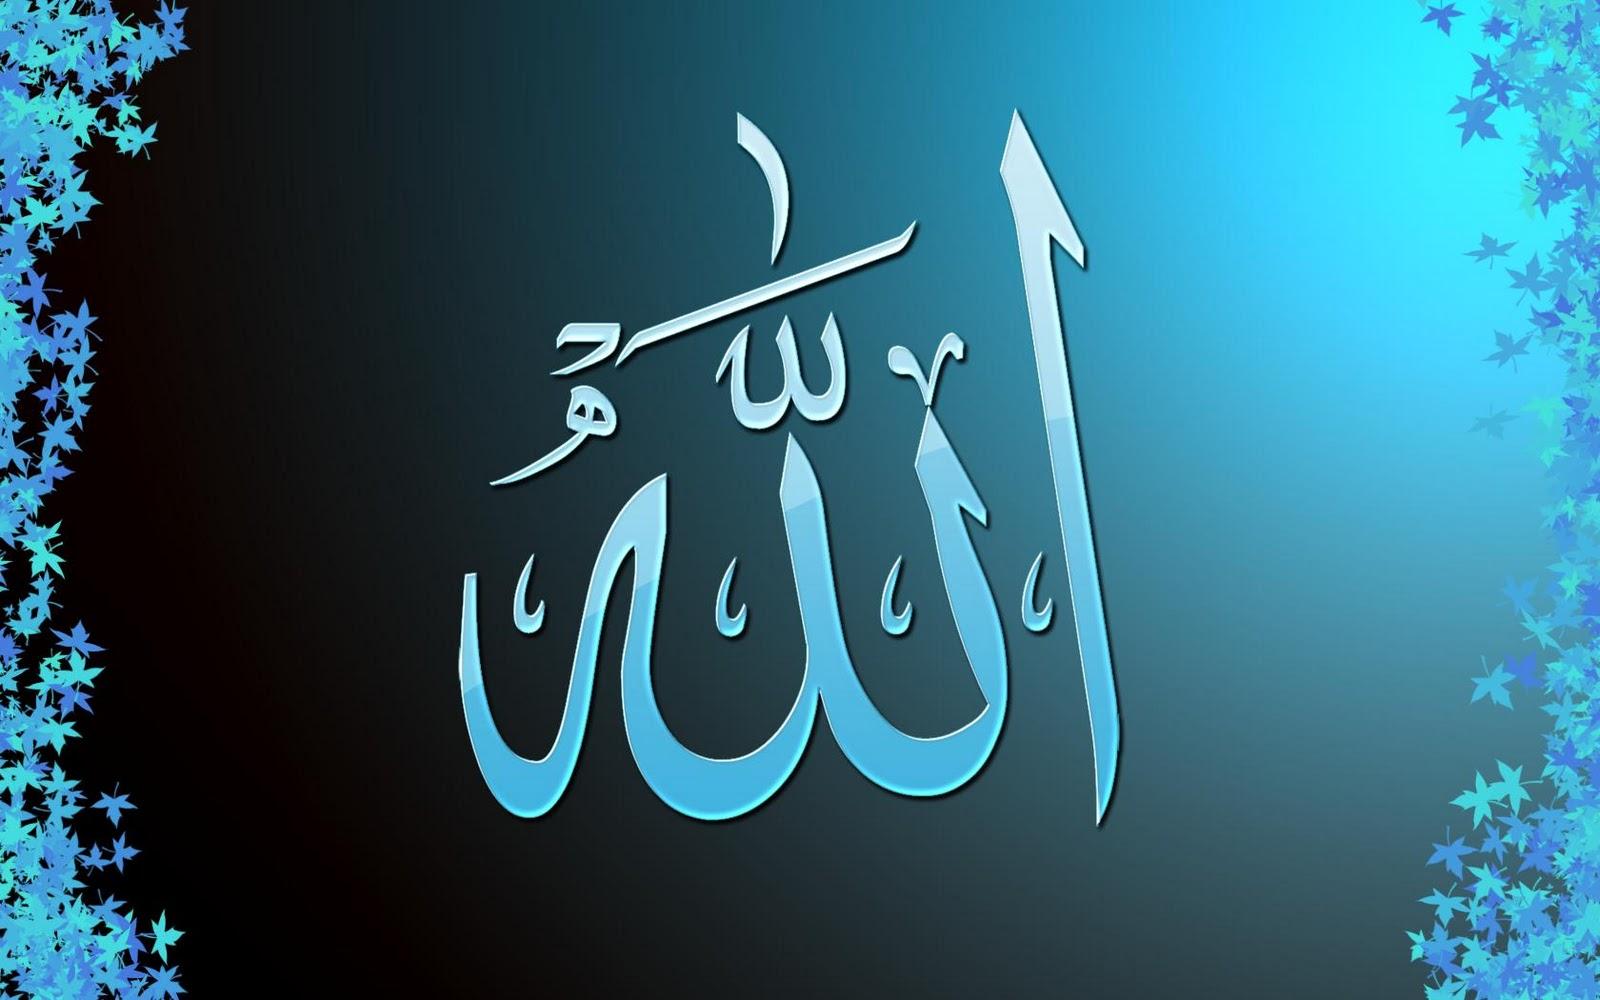 Wallpaper Allah 3d Download Wallpaper DaWallpaperz 1600x1000